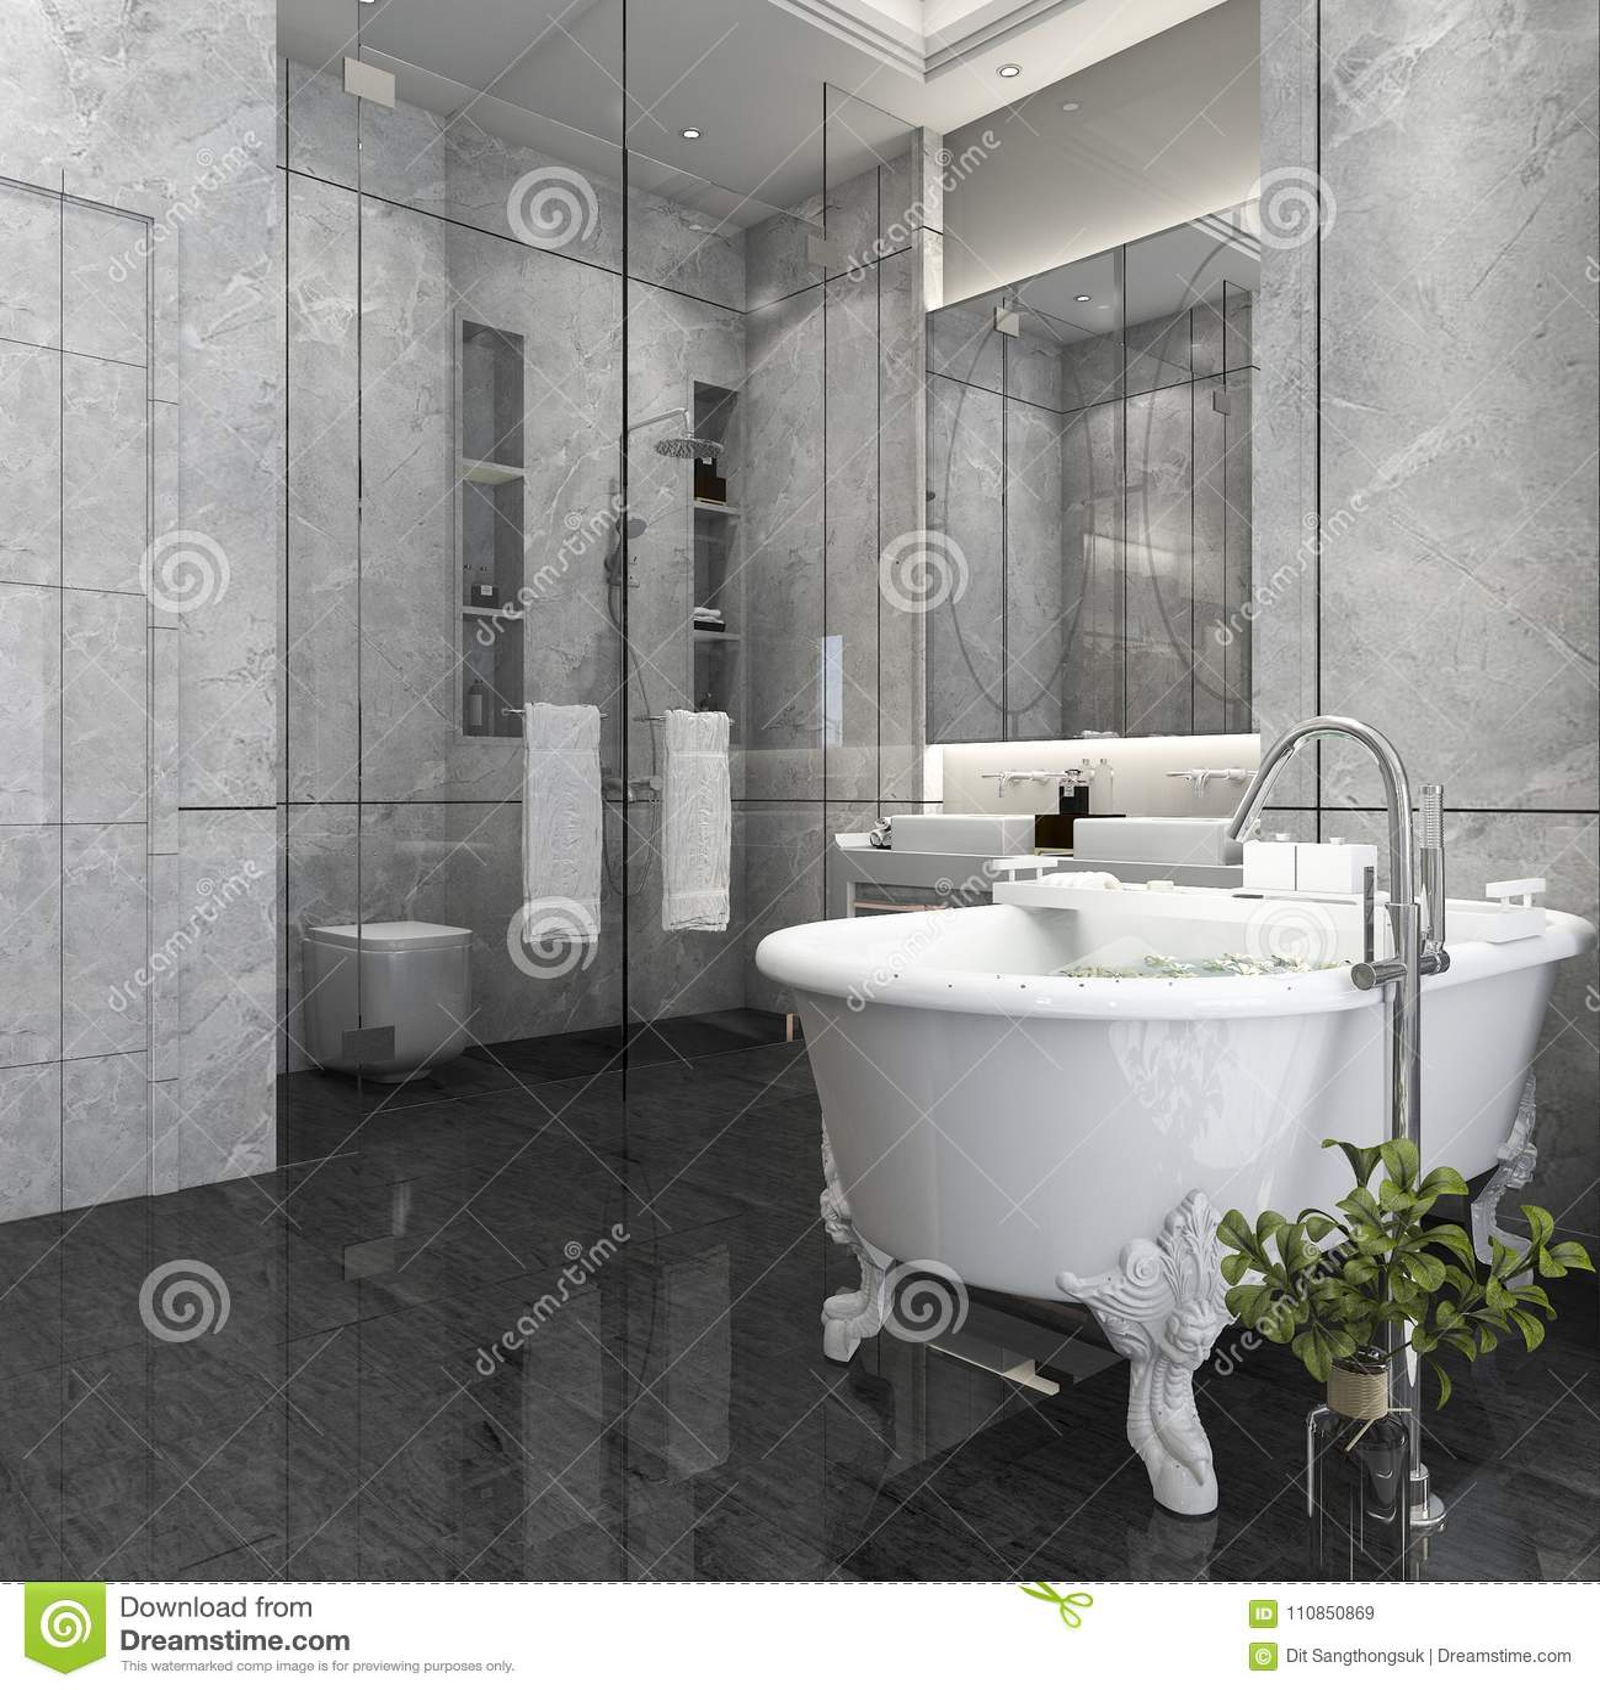 Salle De Bain Luxe Hotel ~ salle de bains de luxe du rendu 3d dans l h tel illustration stock